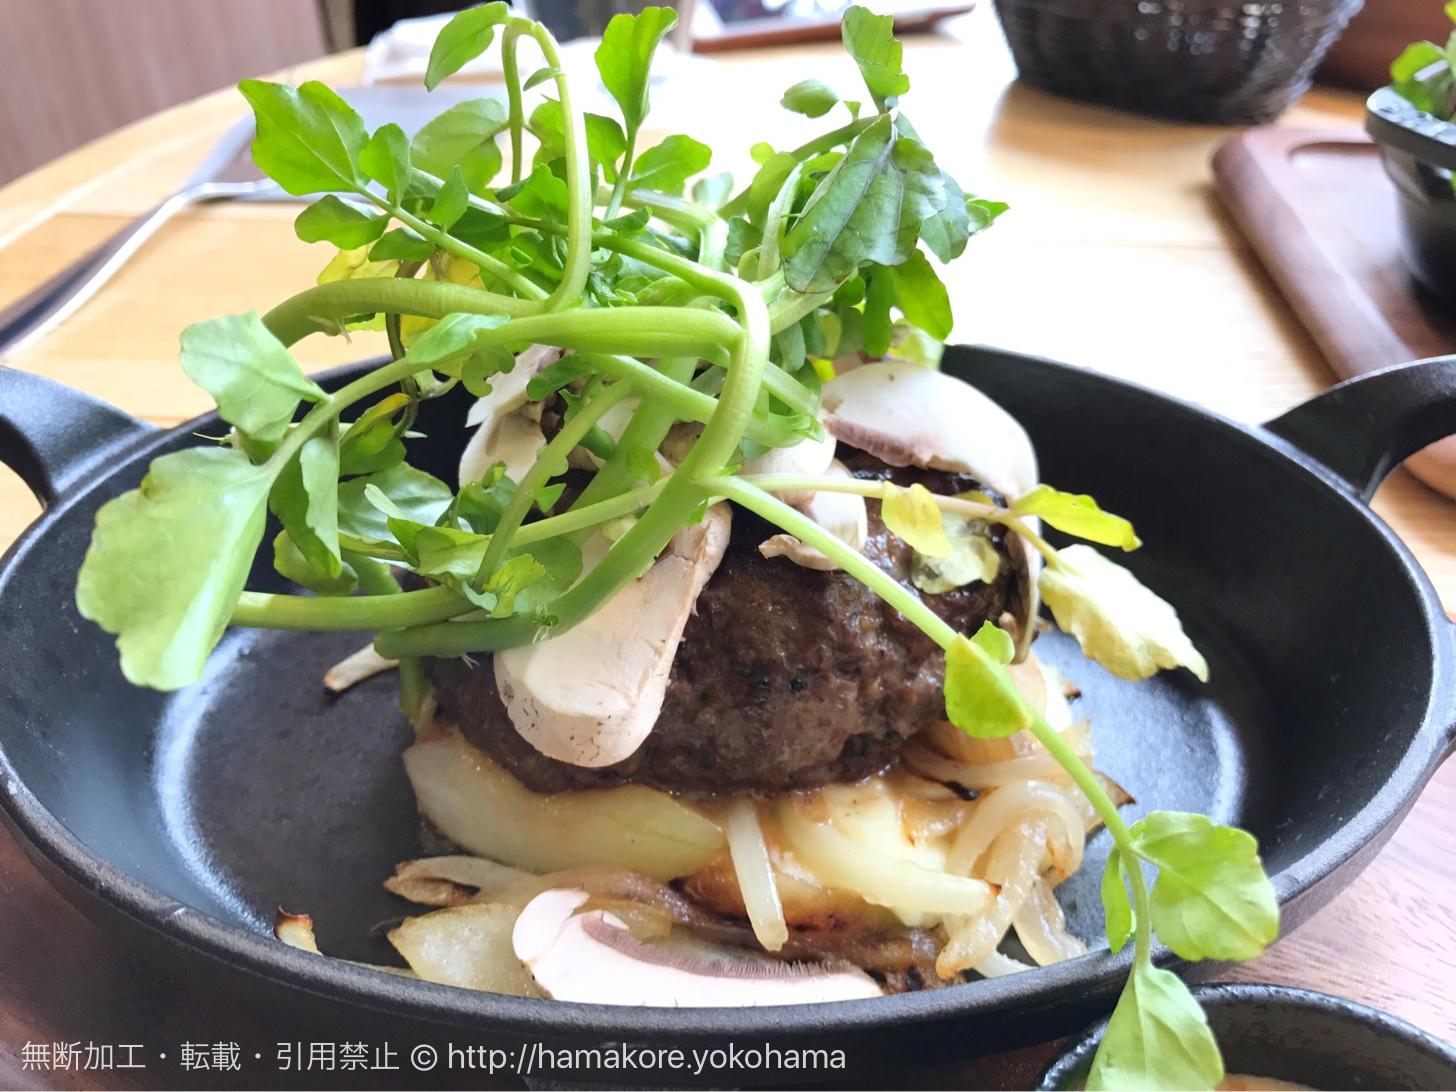 ソールズベリーステーキ ローストオニオンとクレソン マッシュルームのサラダ(1,200円)